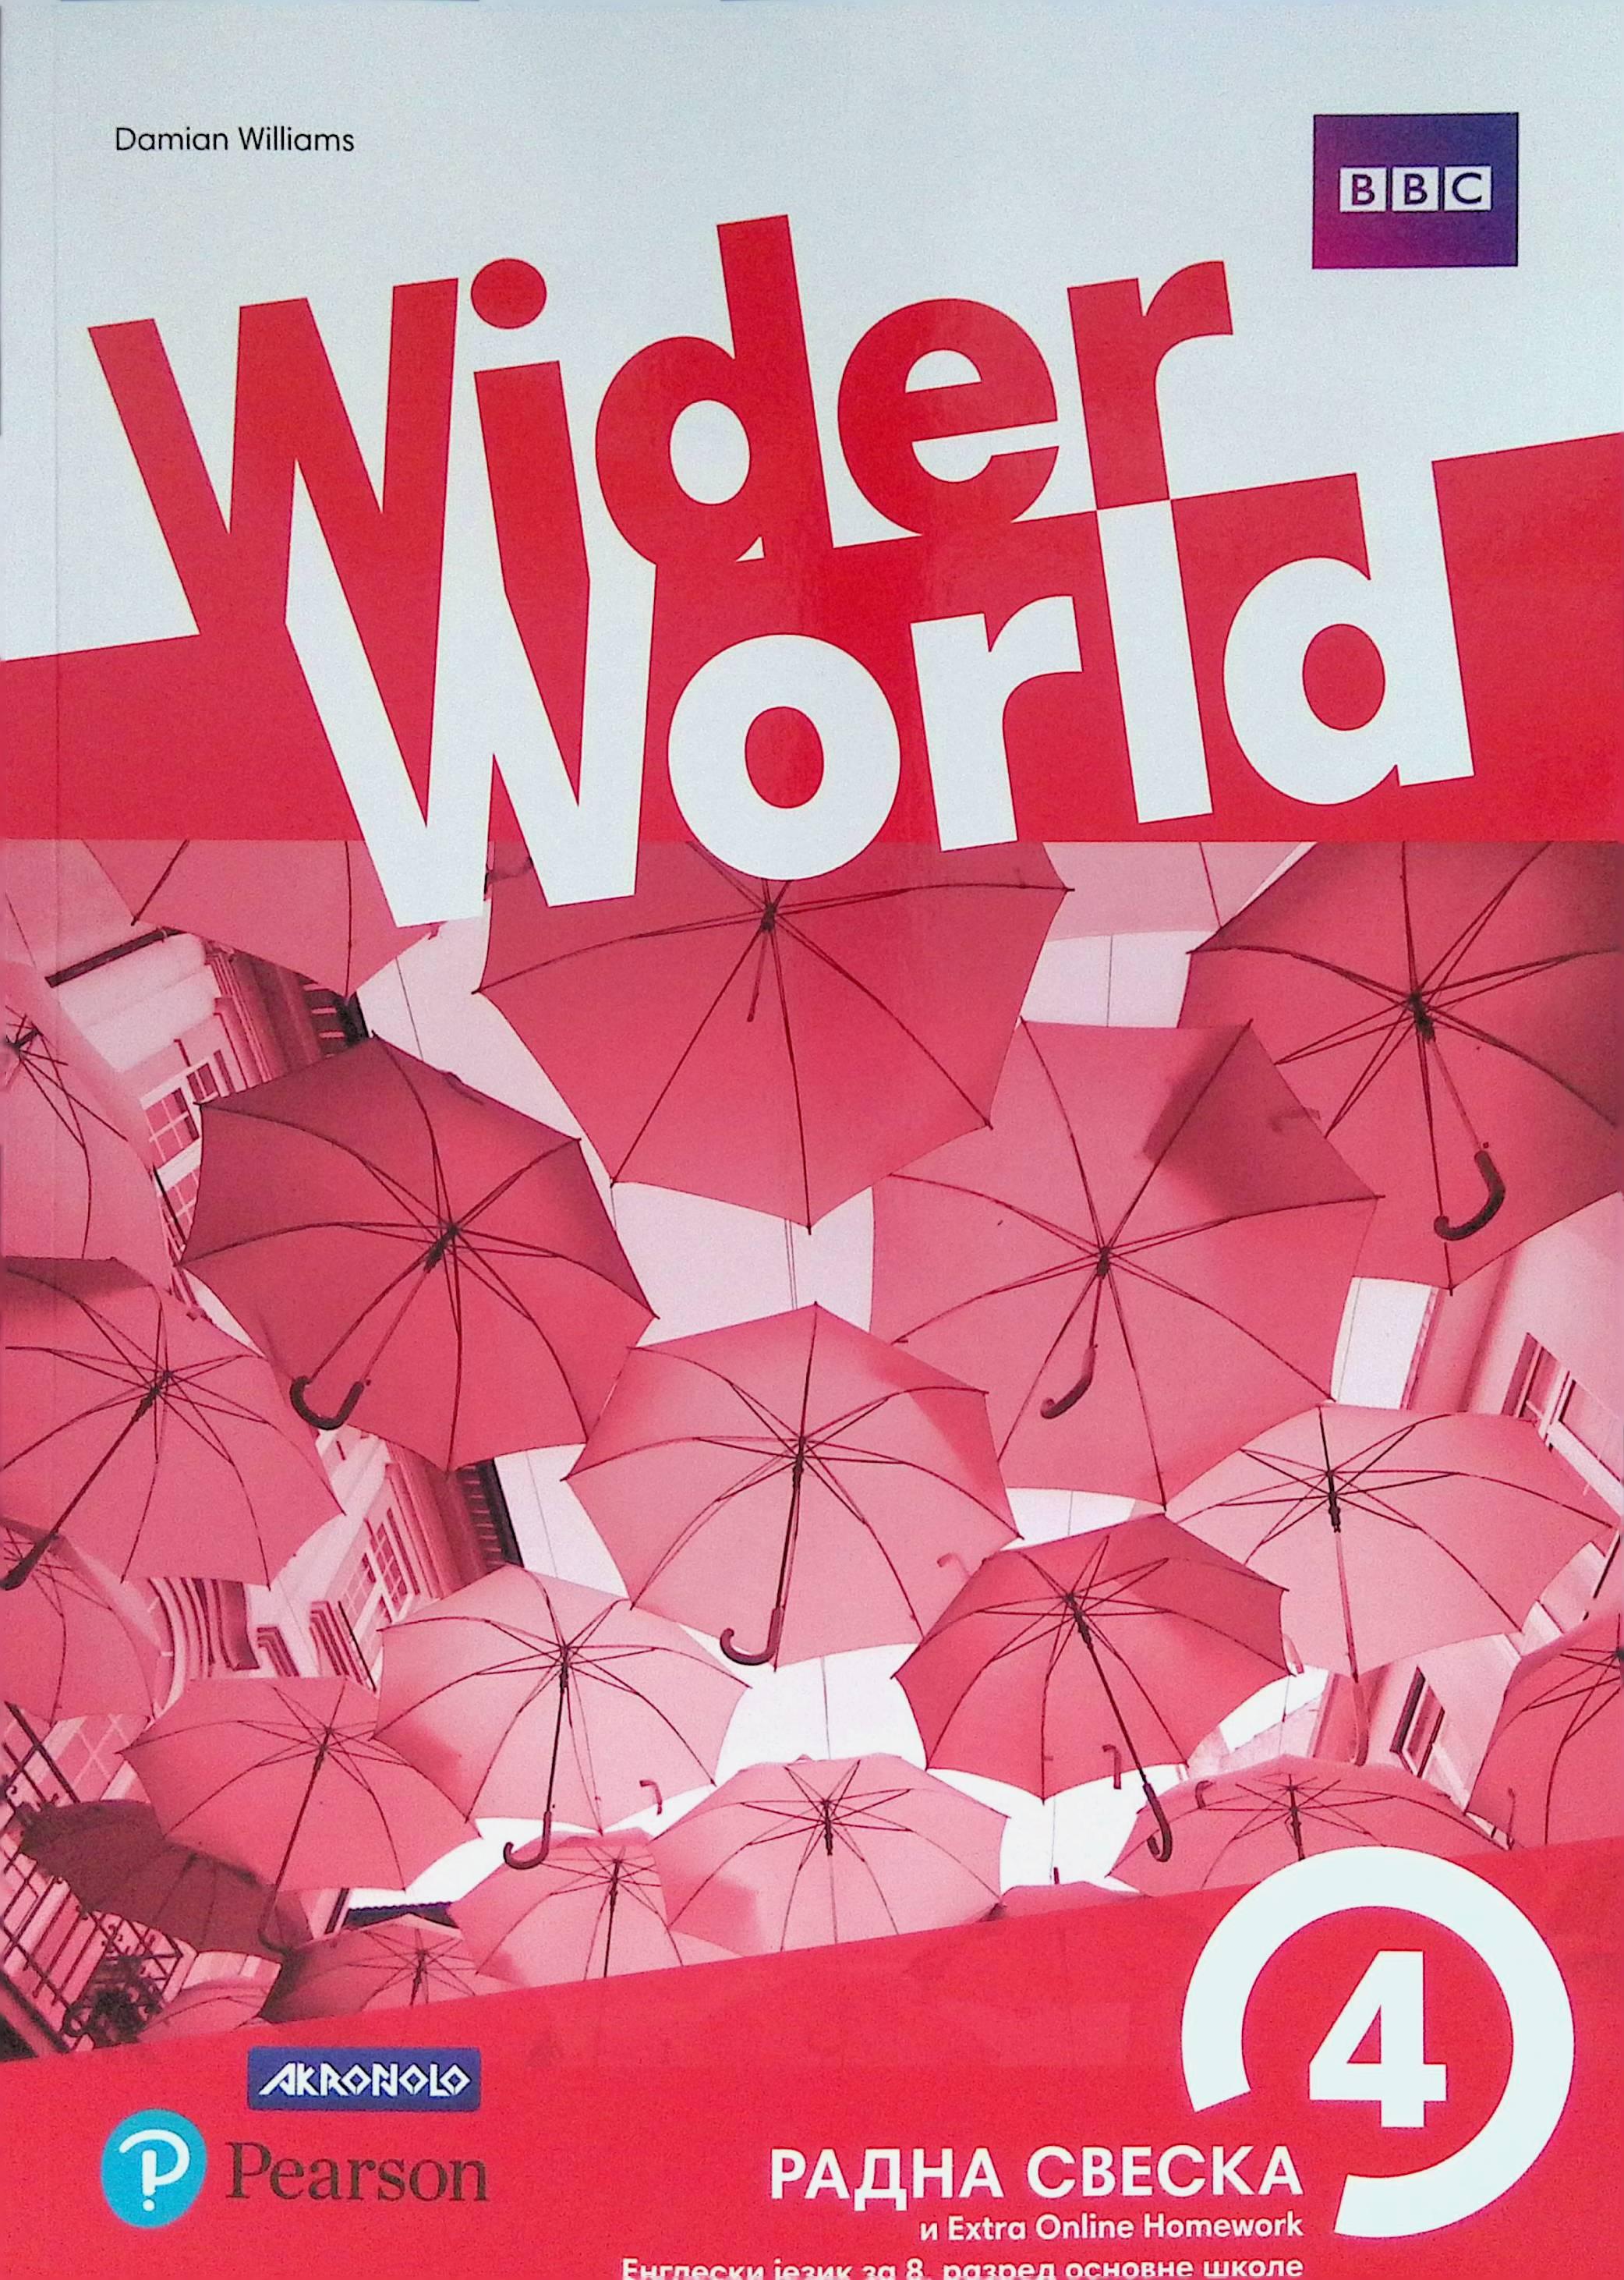 Wider World 4, radna sveska